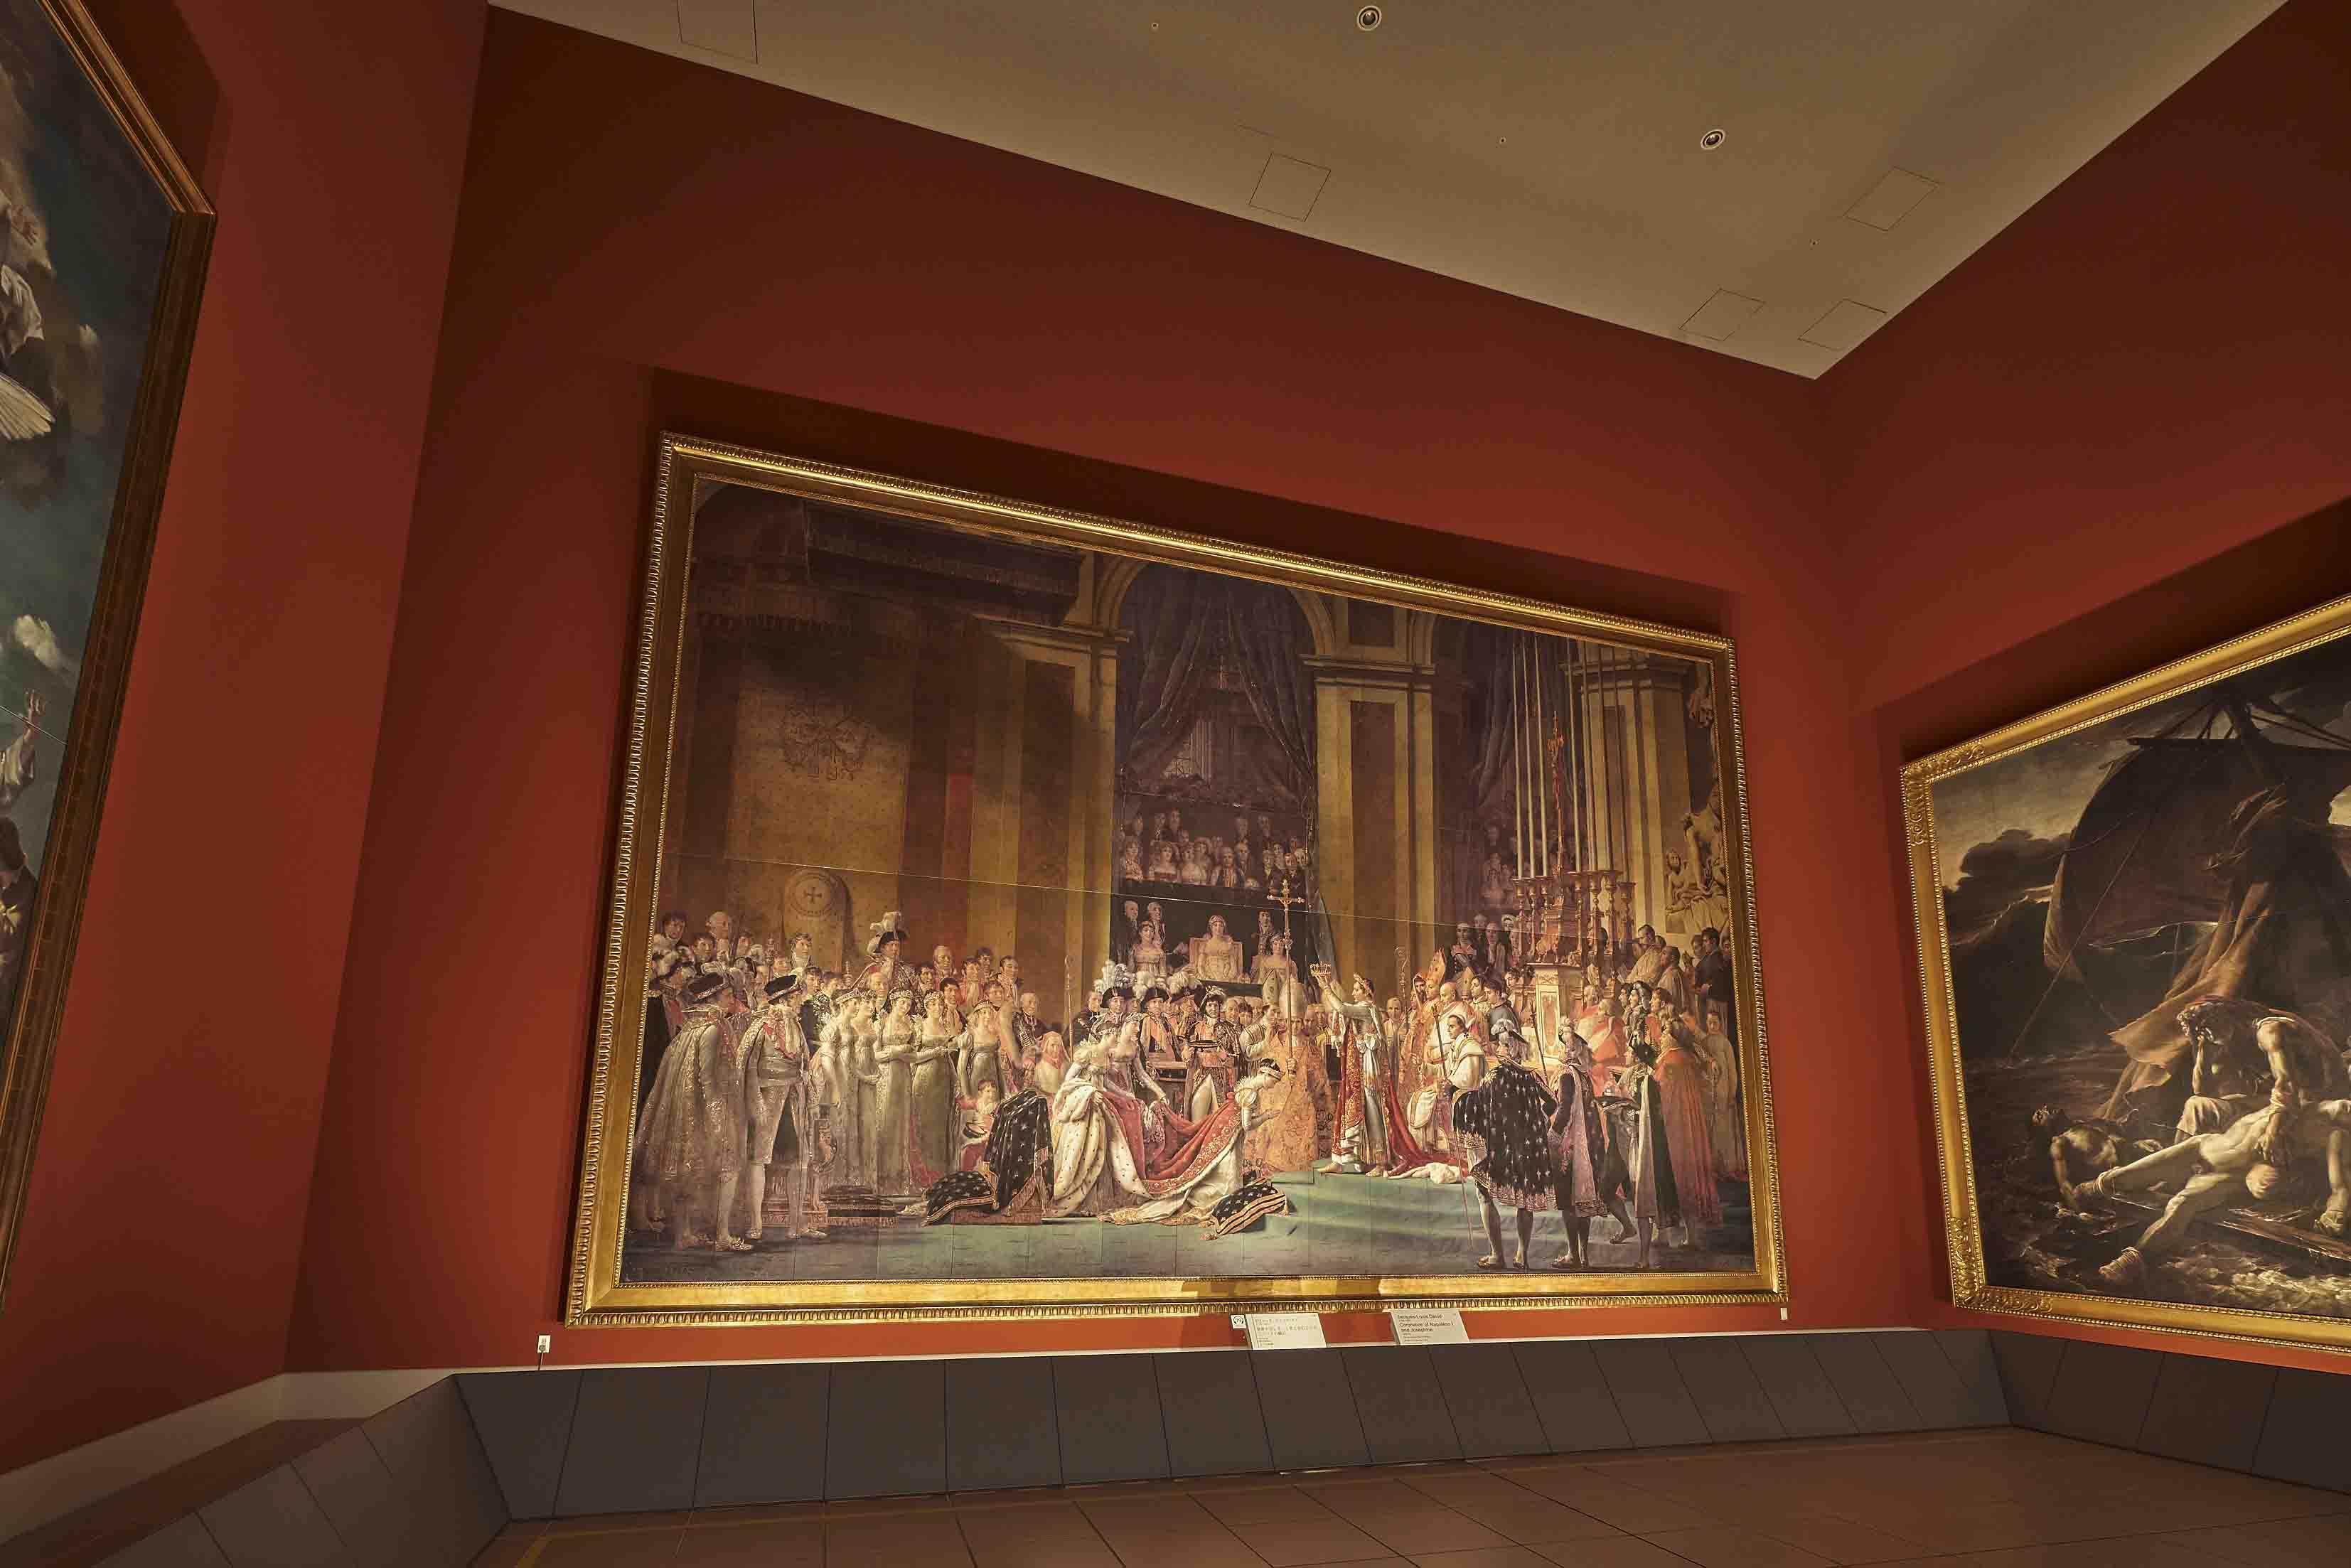 《ナポレオン1世と皇后ジョゼフィーヌの戴冠》。ルーヴル美術館所蔵のレプリカ